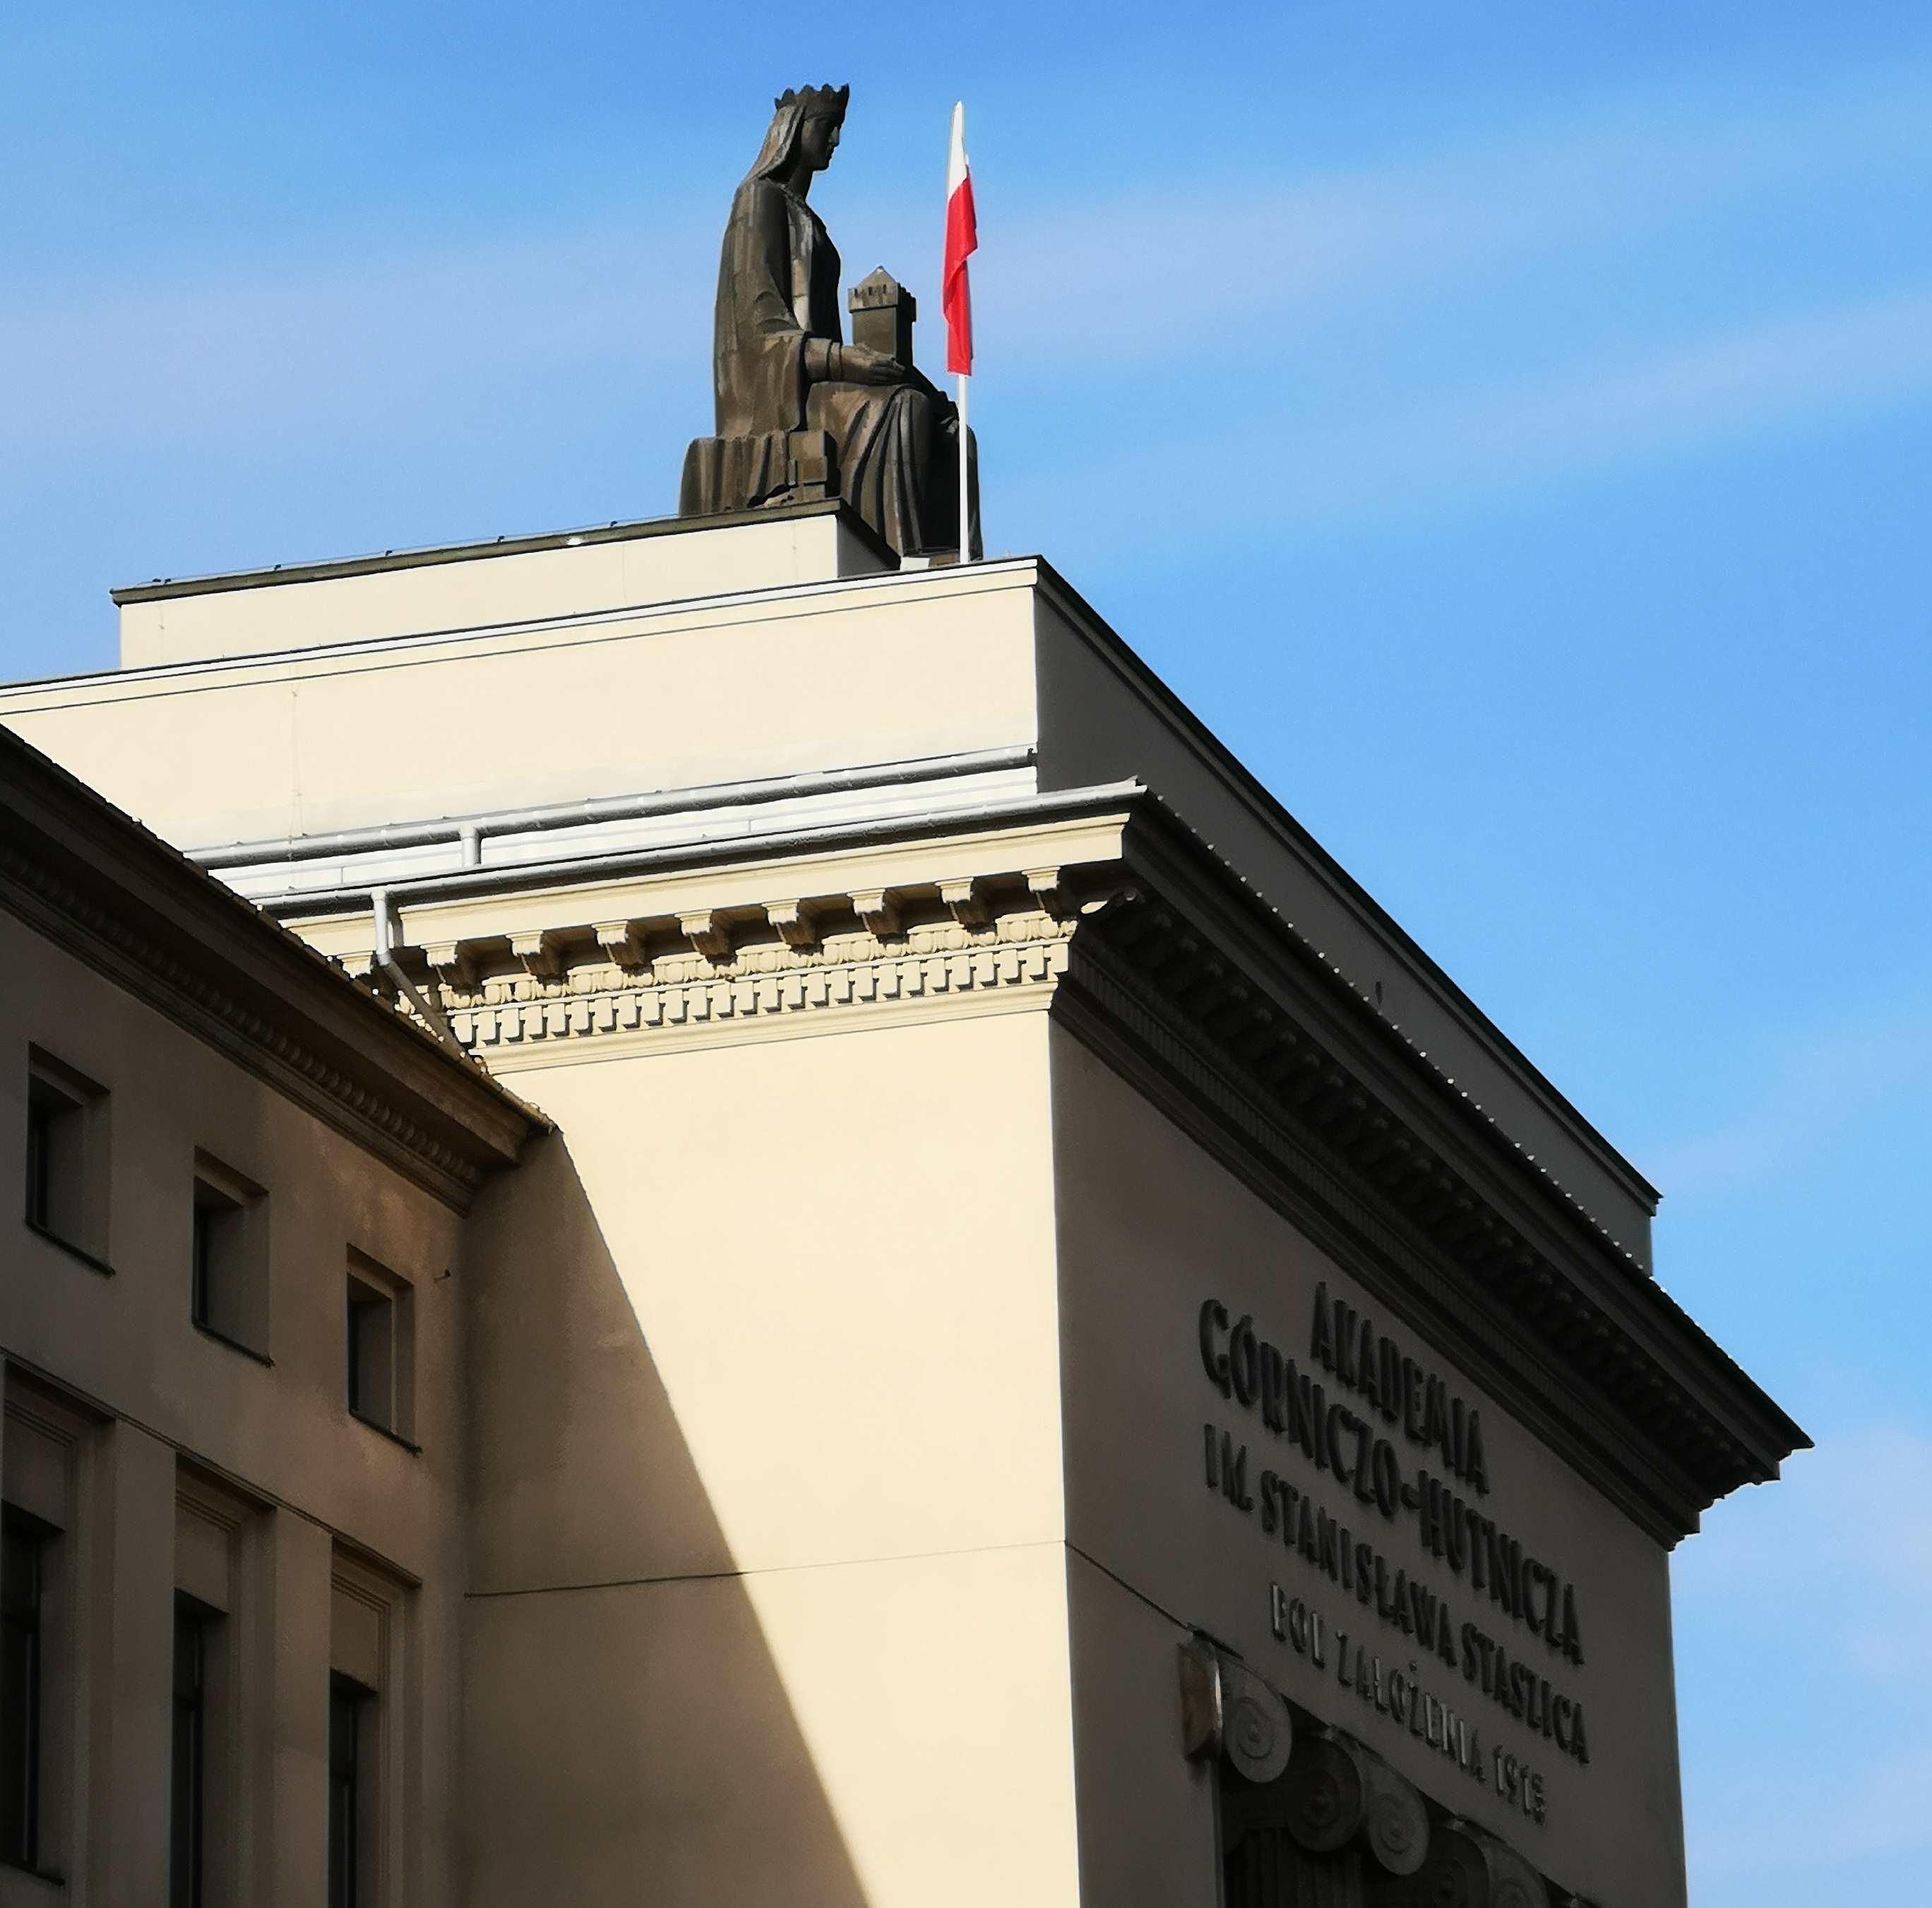 Barbórkowa piwolucja polskich uczelni